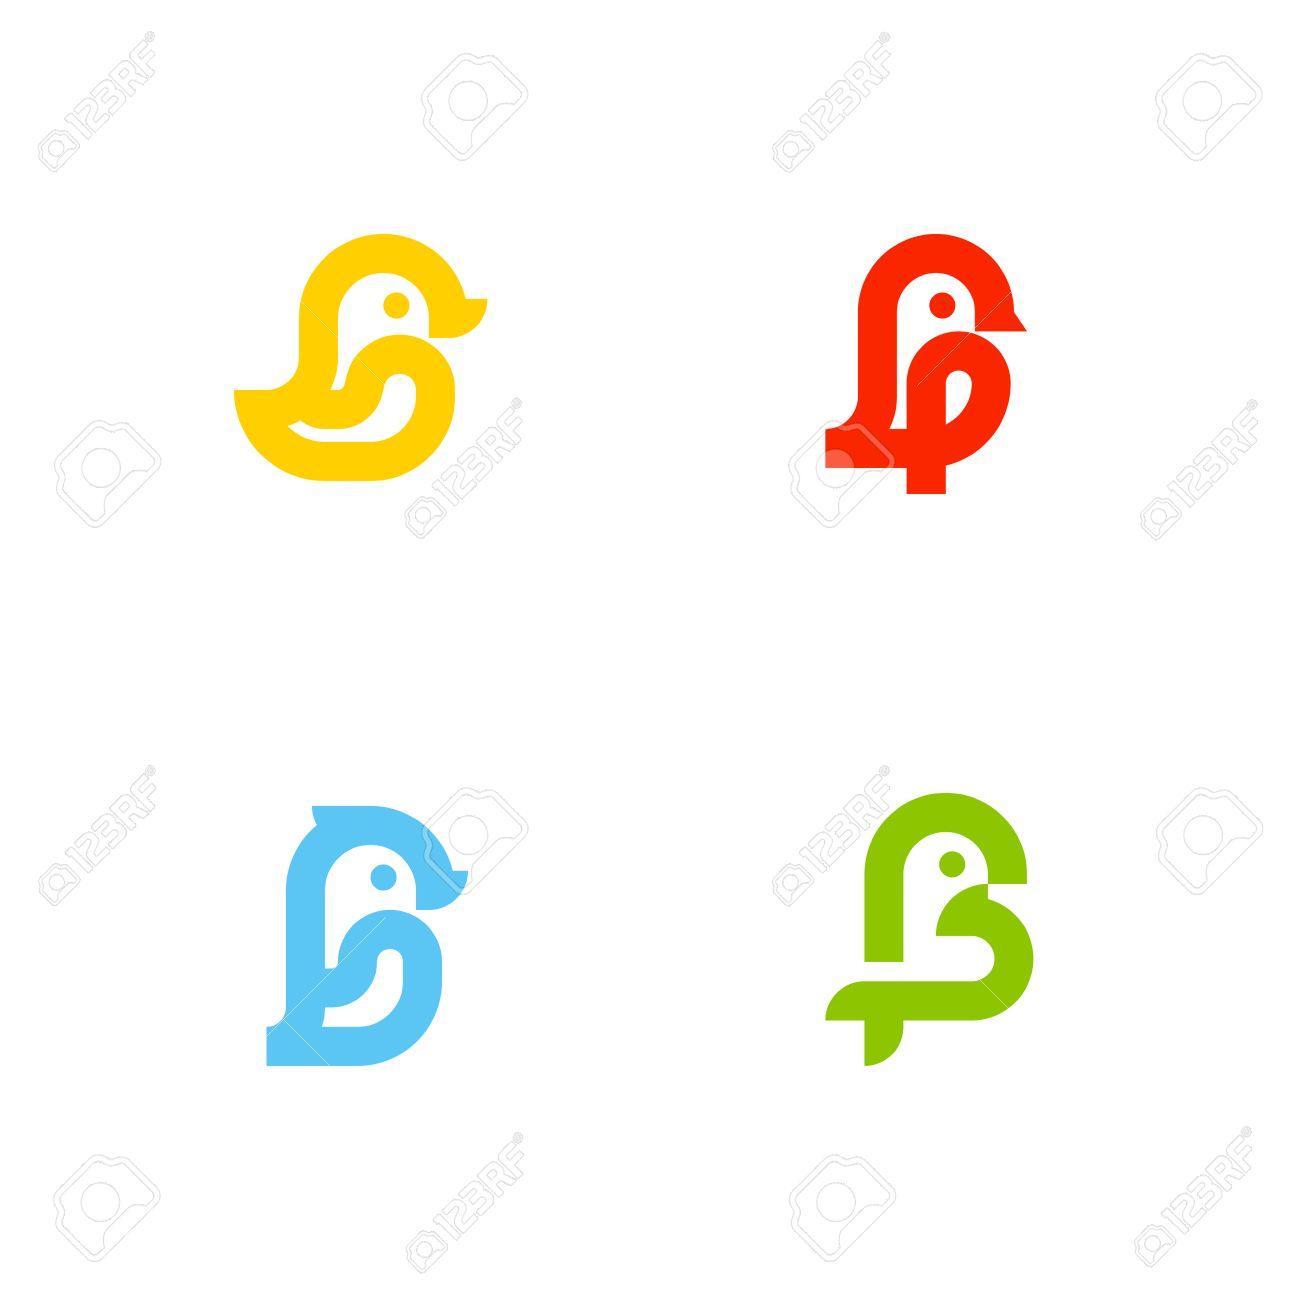 Conjunto De Iconos O Plantillas De Logotipo Con Pequeños Pájaros ...